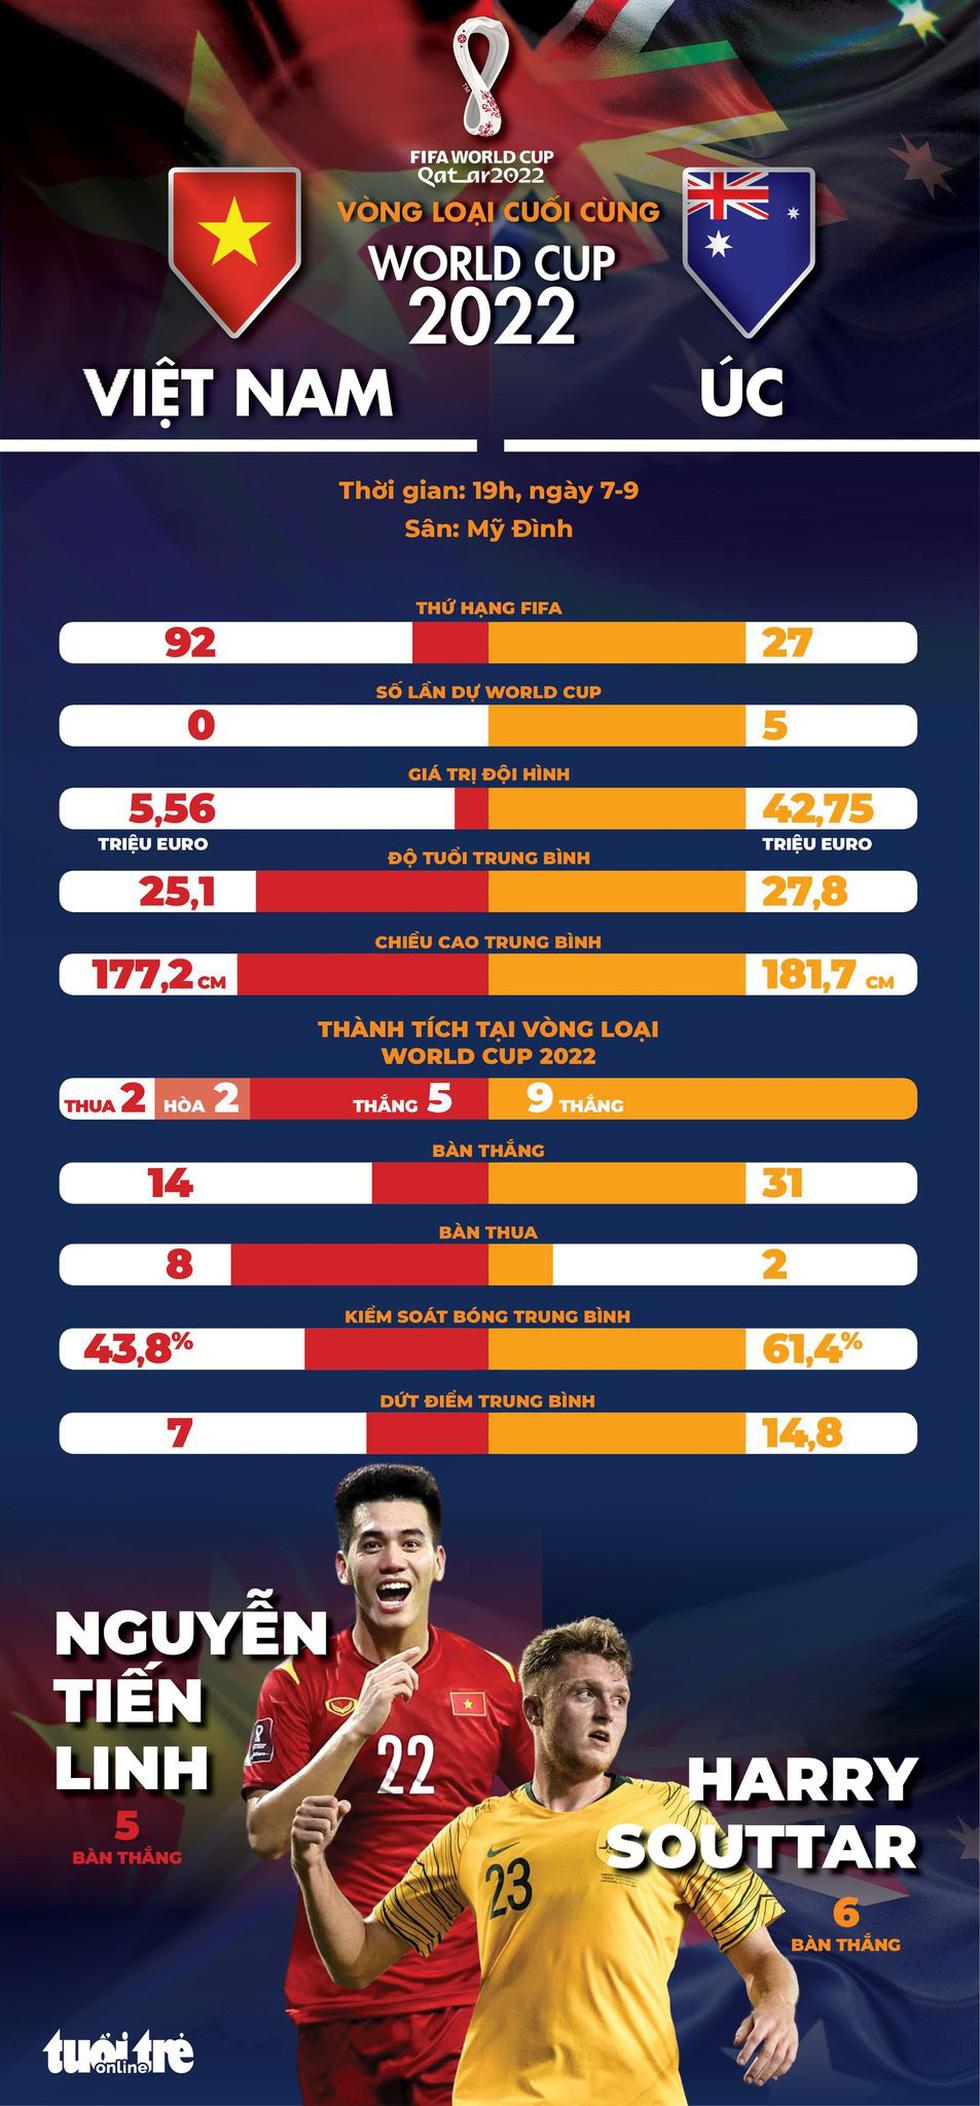 So sánh tuyển Việt Nam và Úc: Đối thủ rất mạnh! - Ảnh 1.